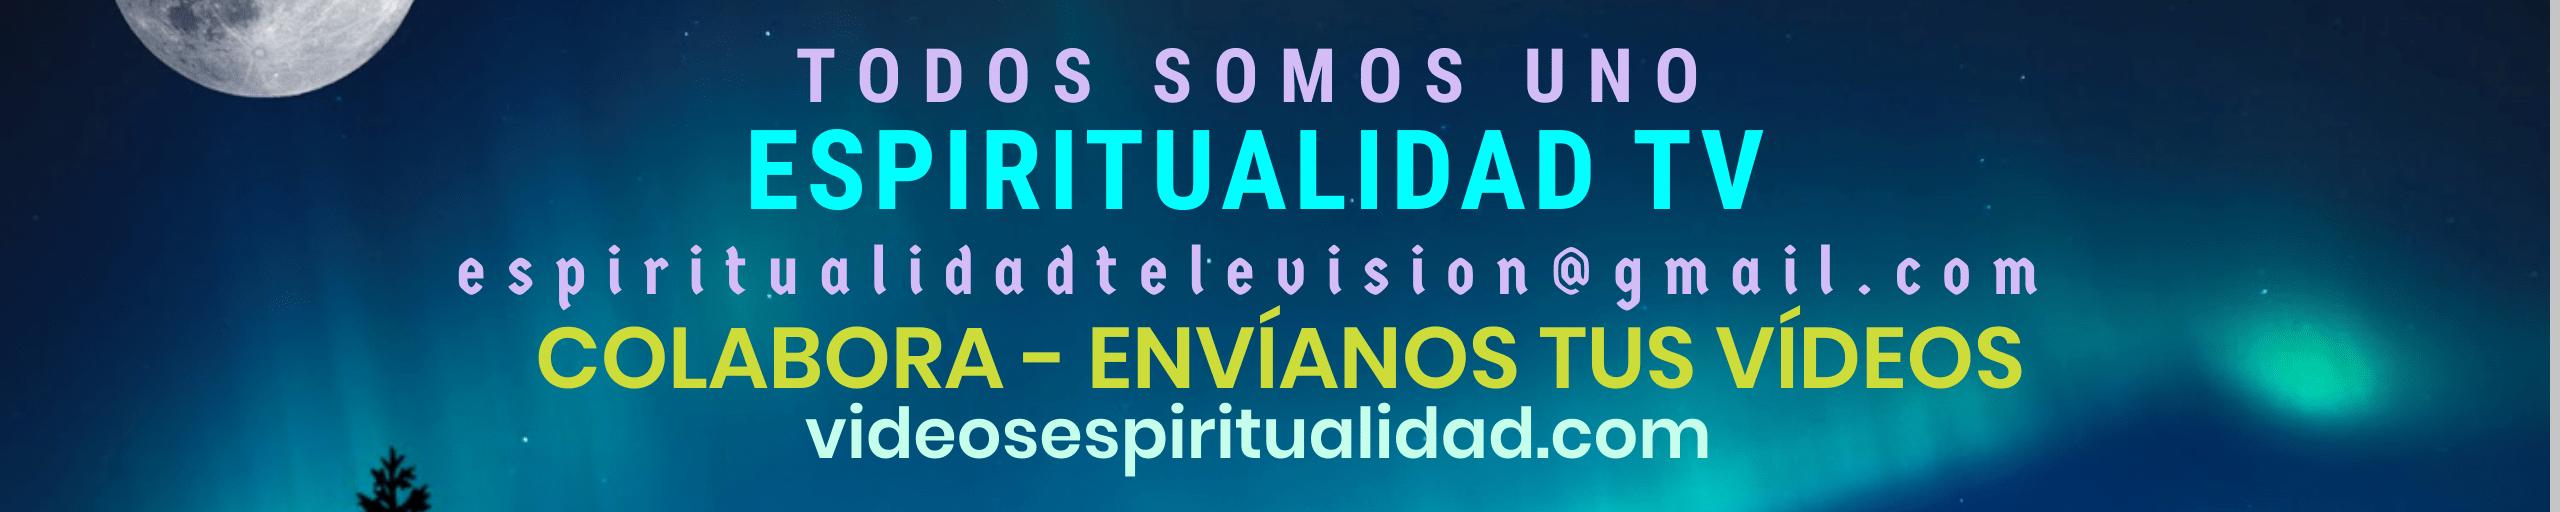 ESPIRITUALIDAD TV: Vídeos de Espiritualidad Libros de Espiritualidad Vídeos de Desarrollo Personal y Autoayuda